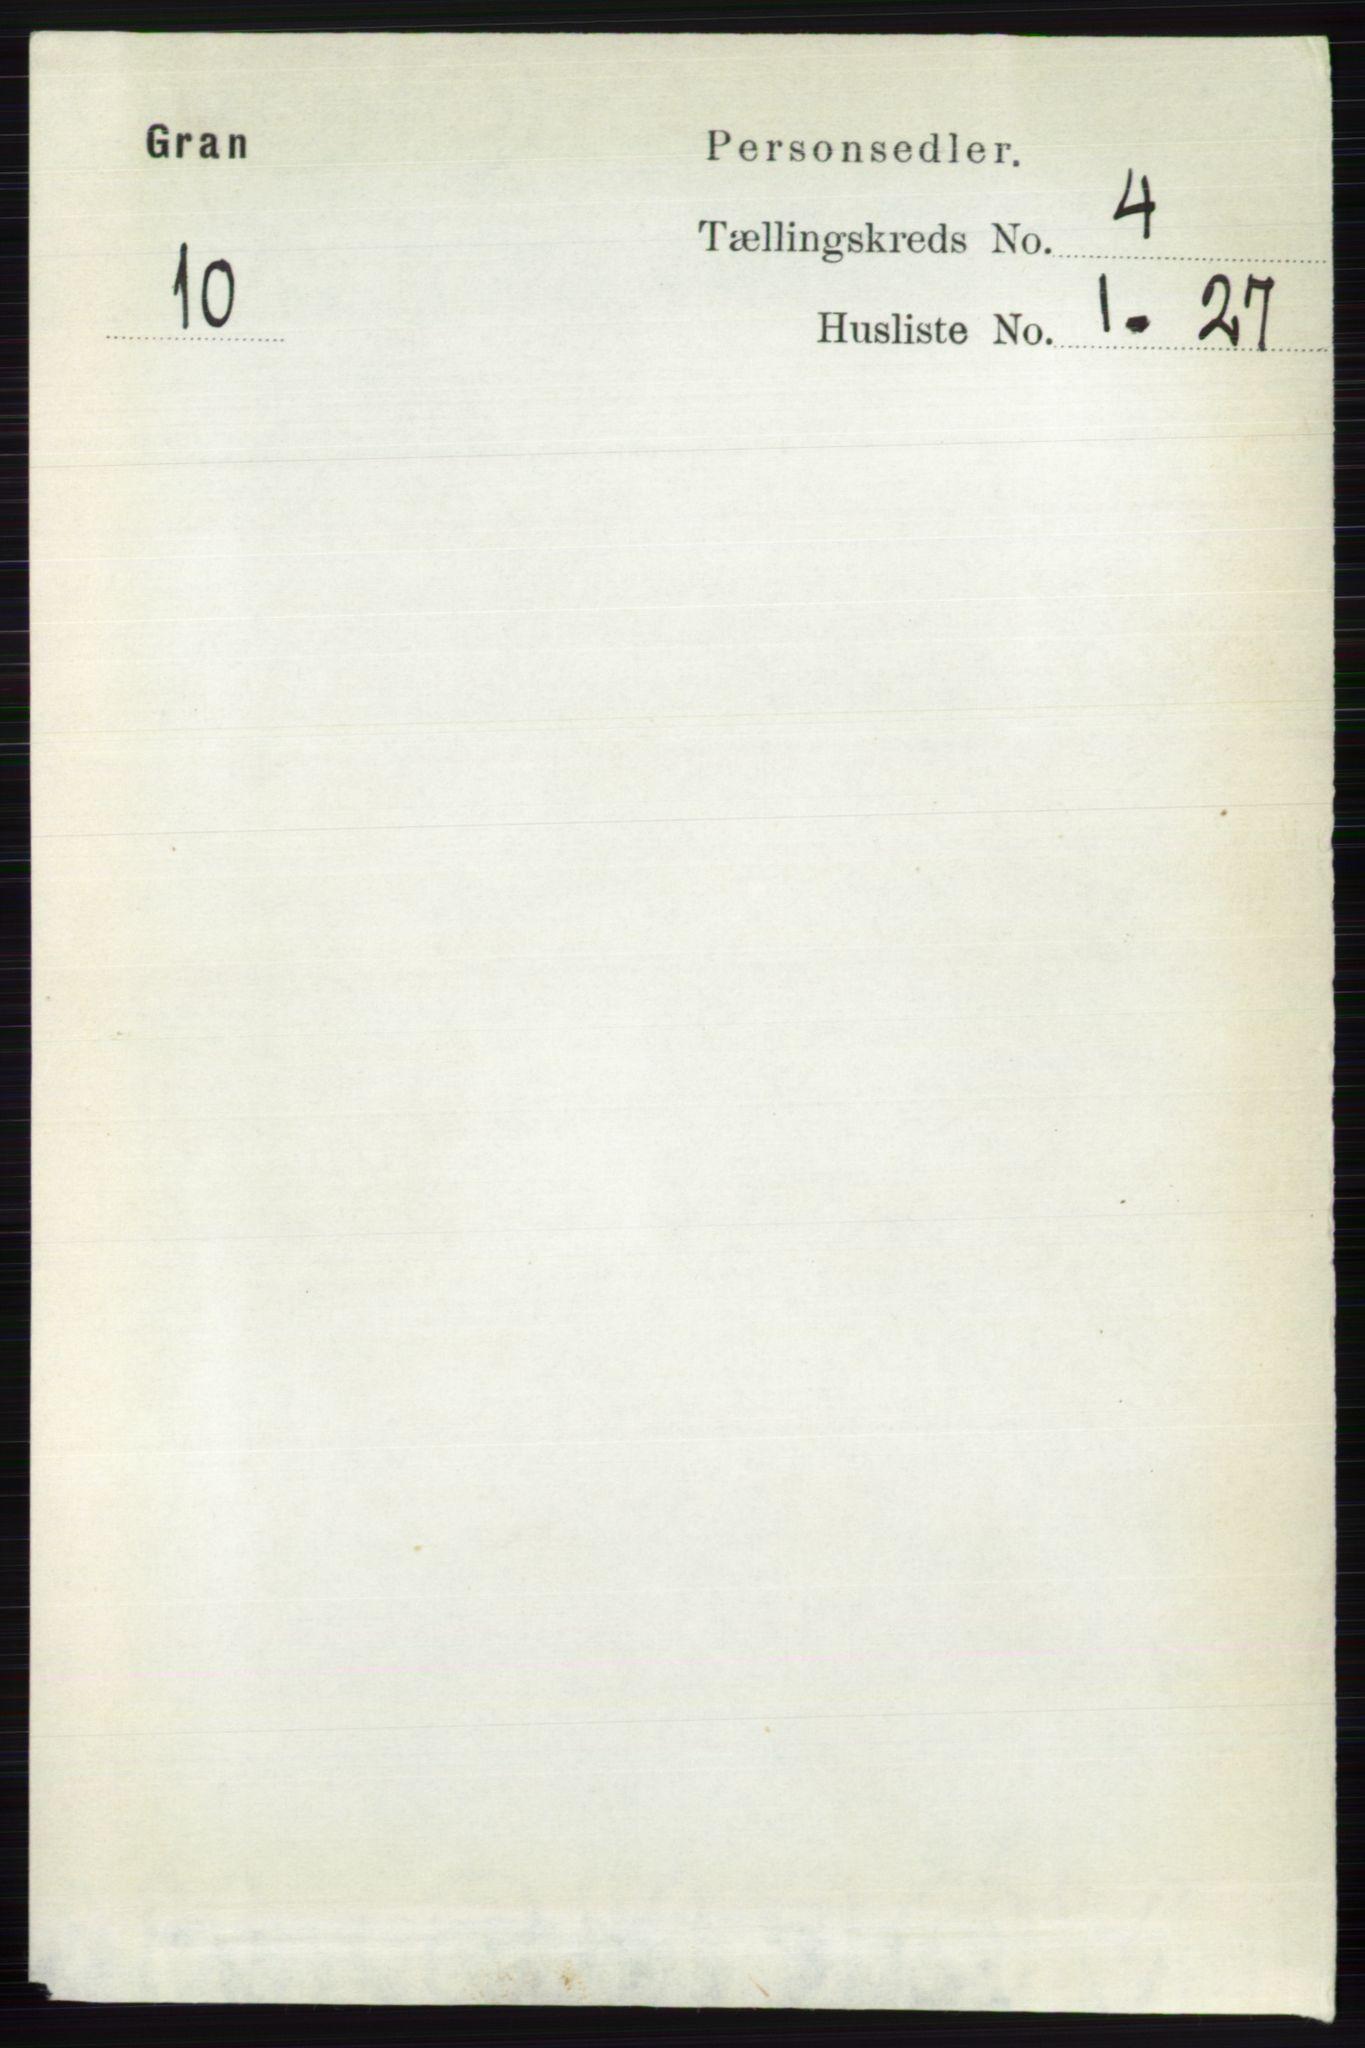 RA, Folketelling 1891 for 0534 Gran herred, 1891, s. 1150